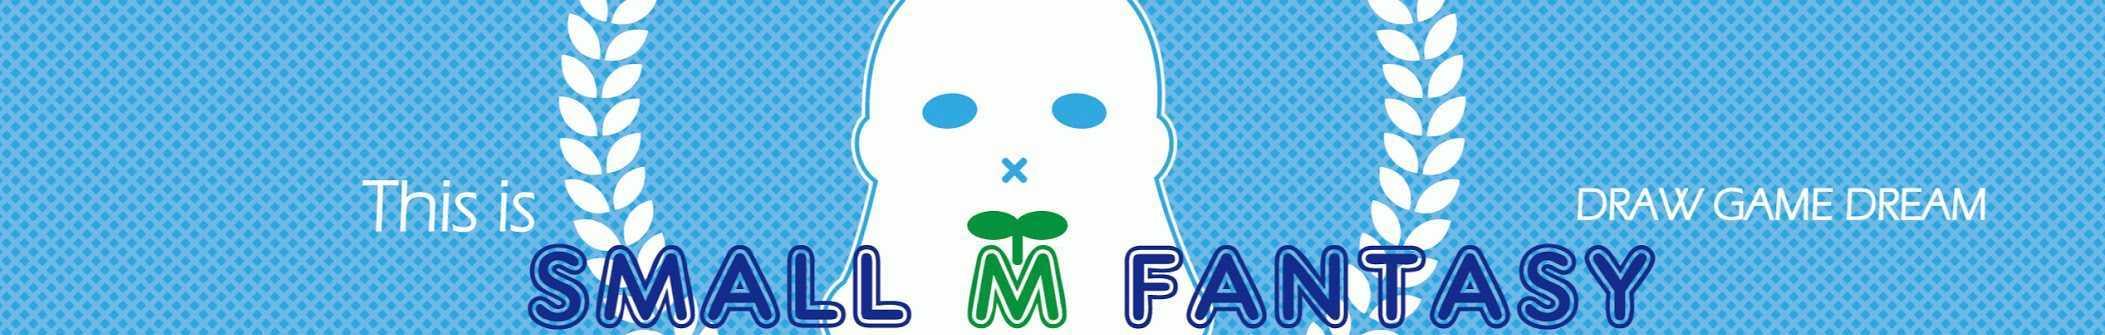 江小M banner